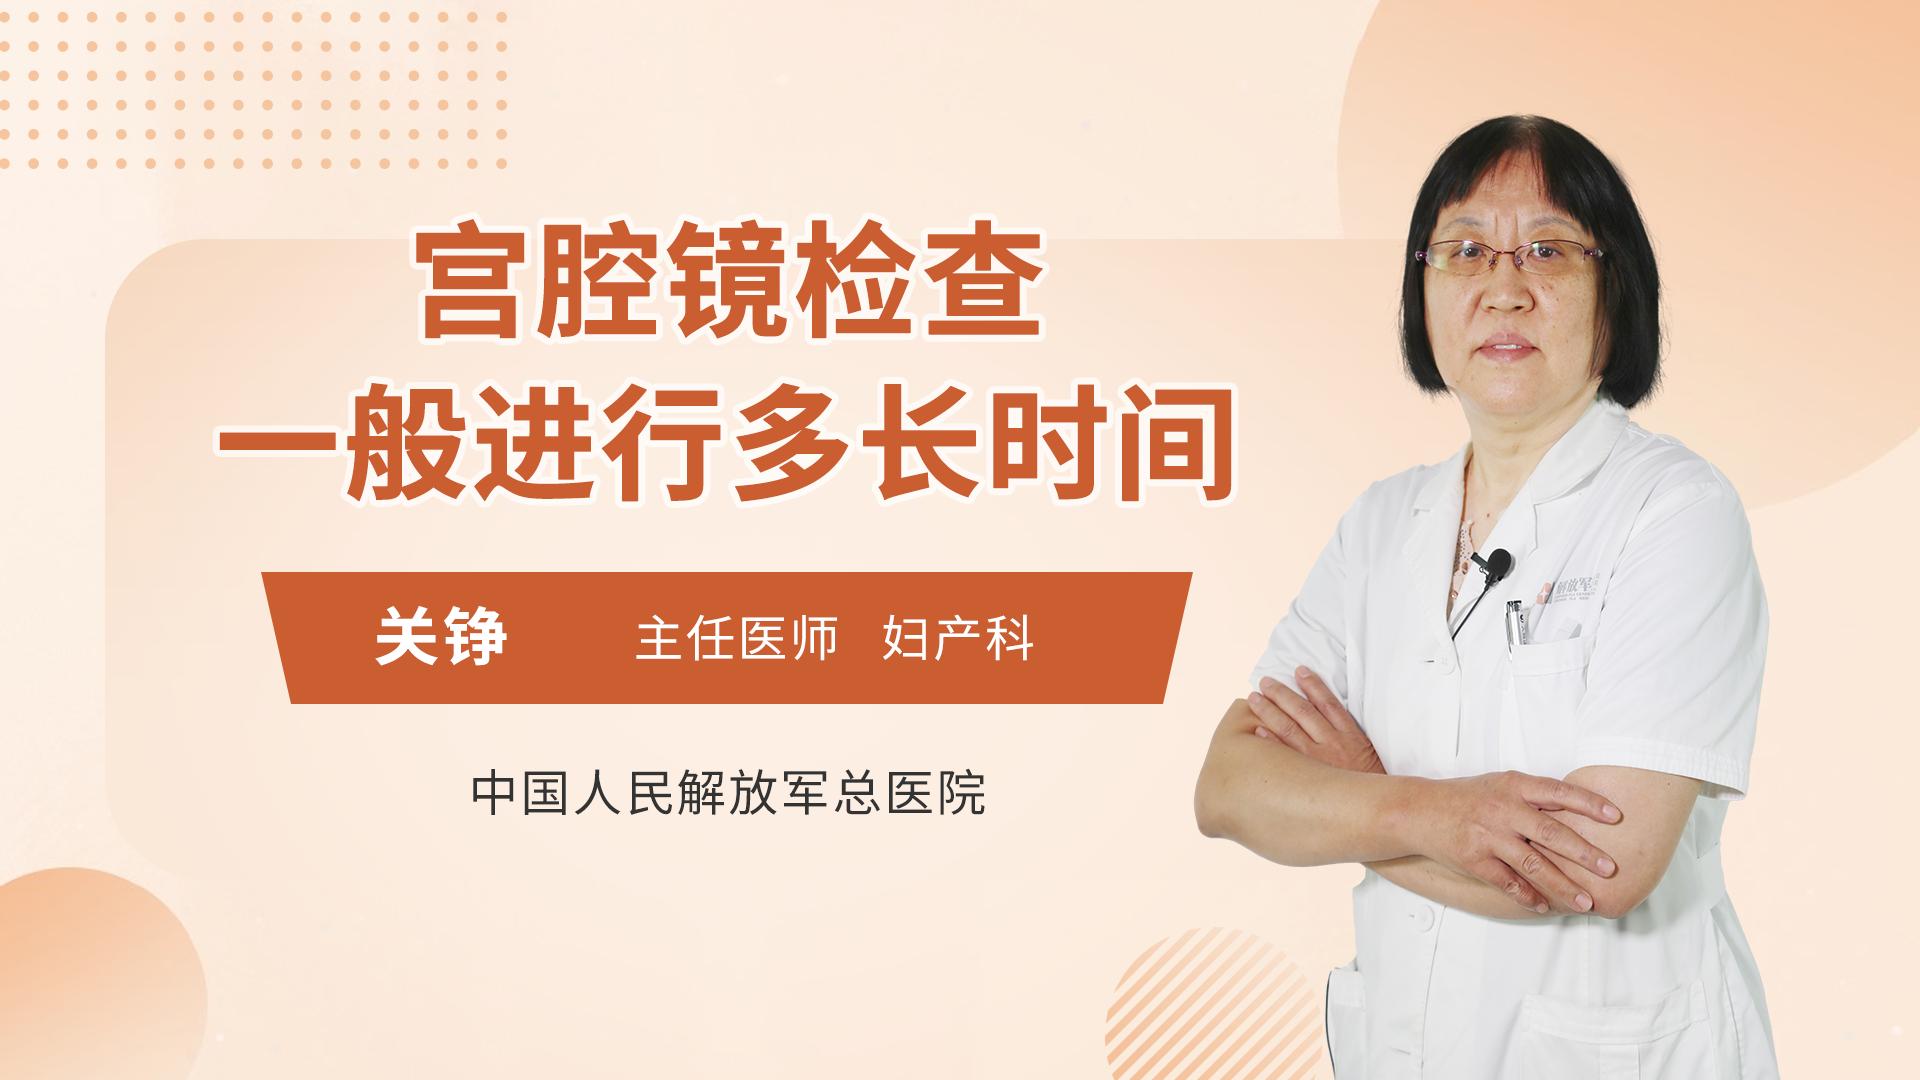 宫腔镜检查一般进行多长时间